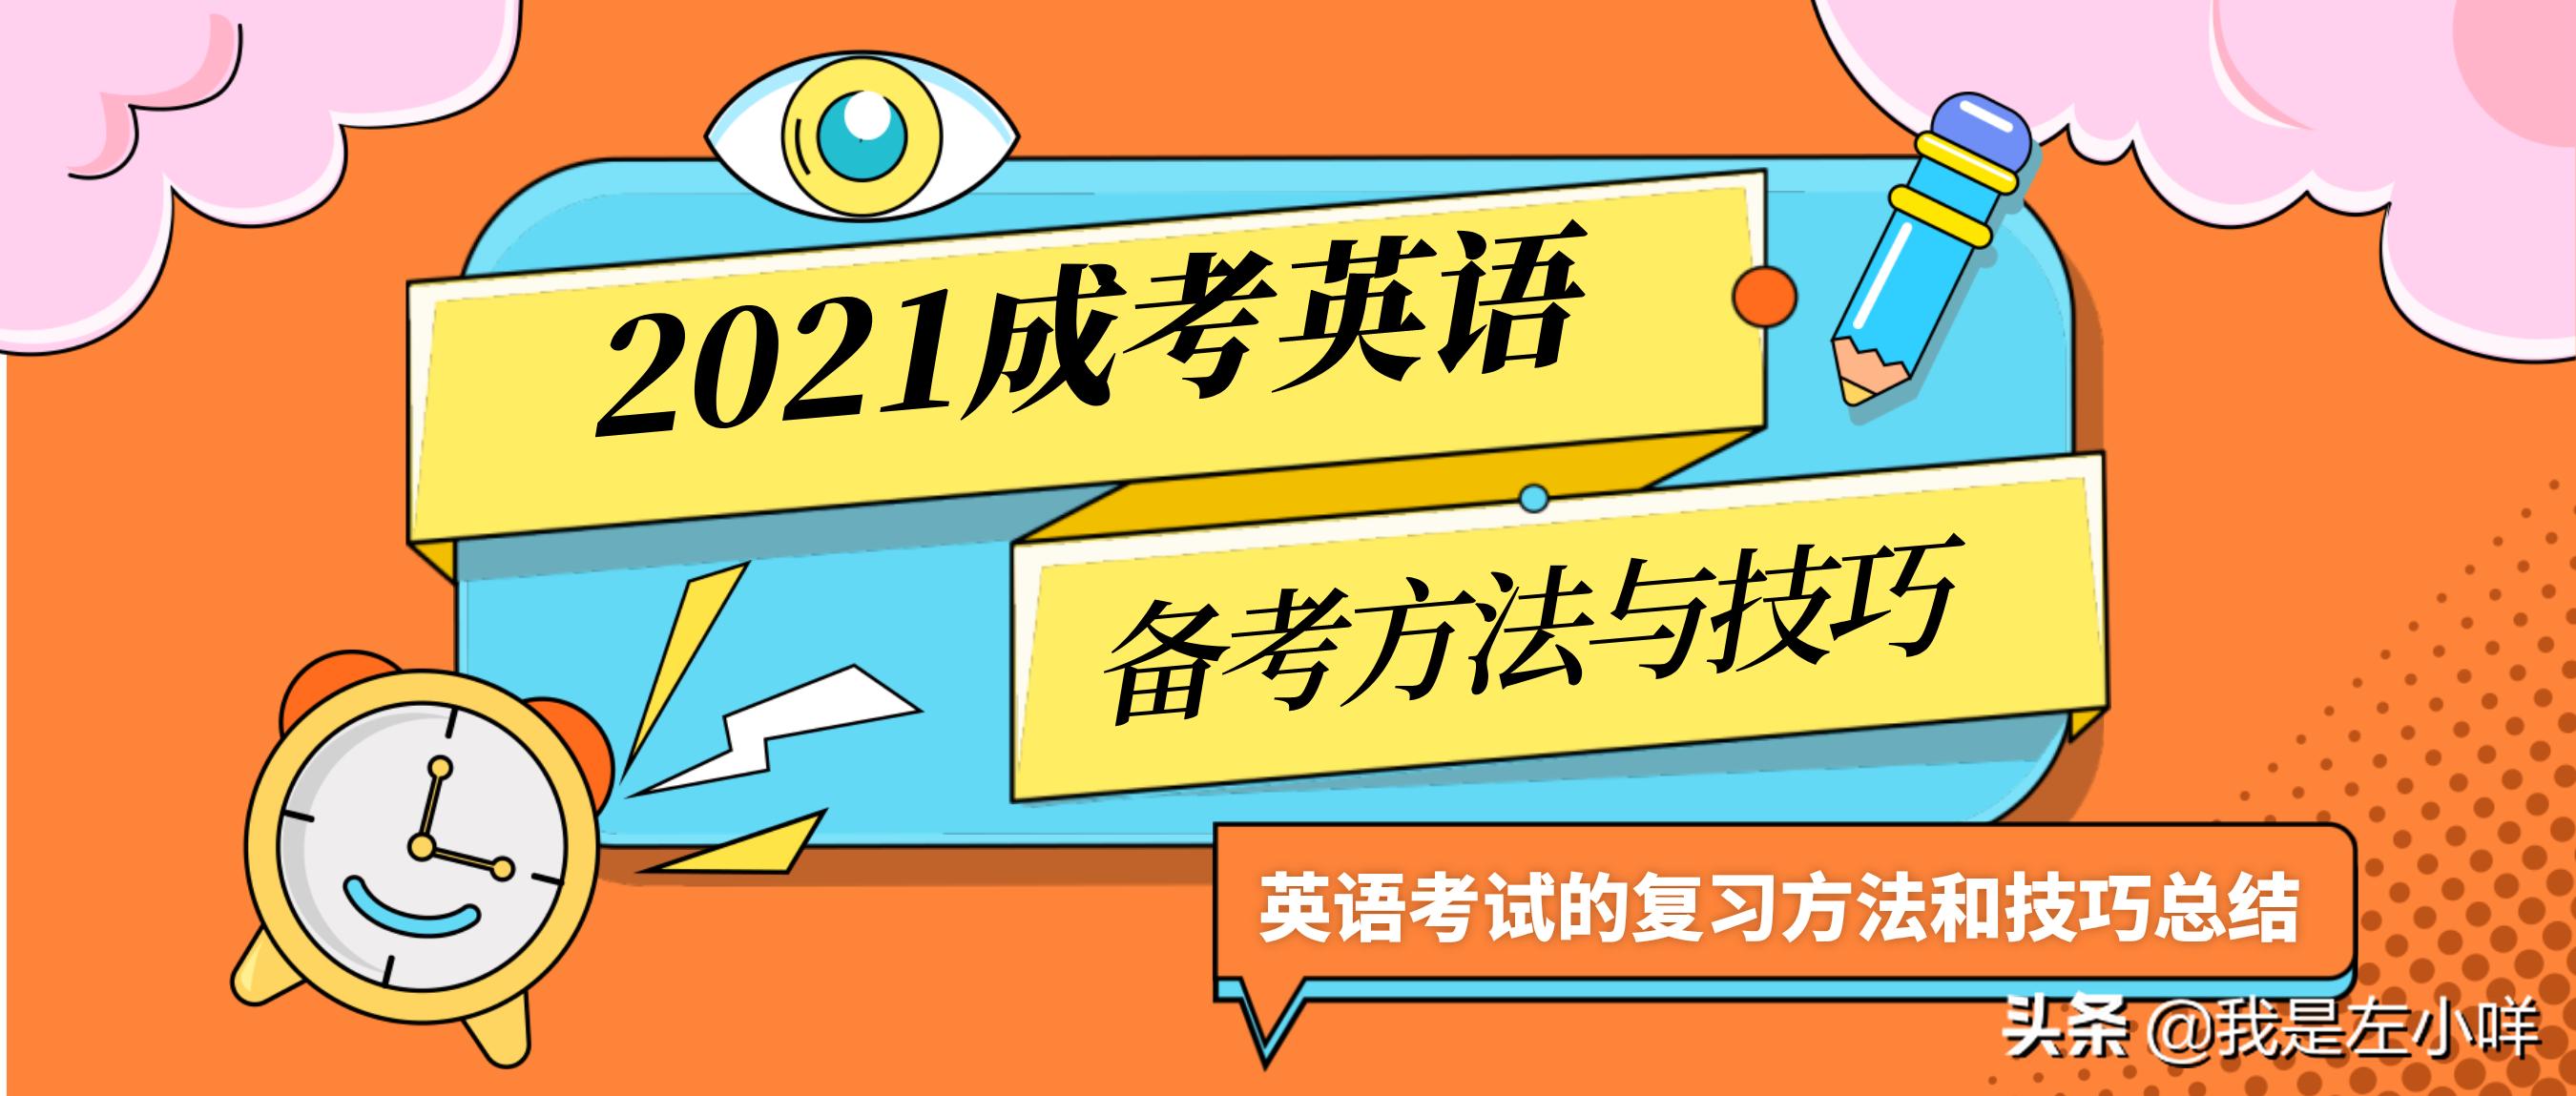 2021年成人高考高起点英语考试的复习方法和技巧总结